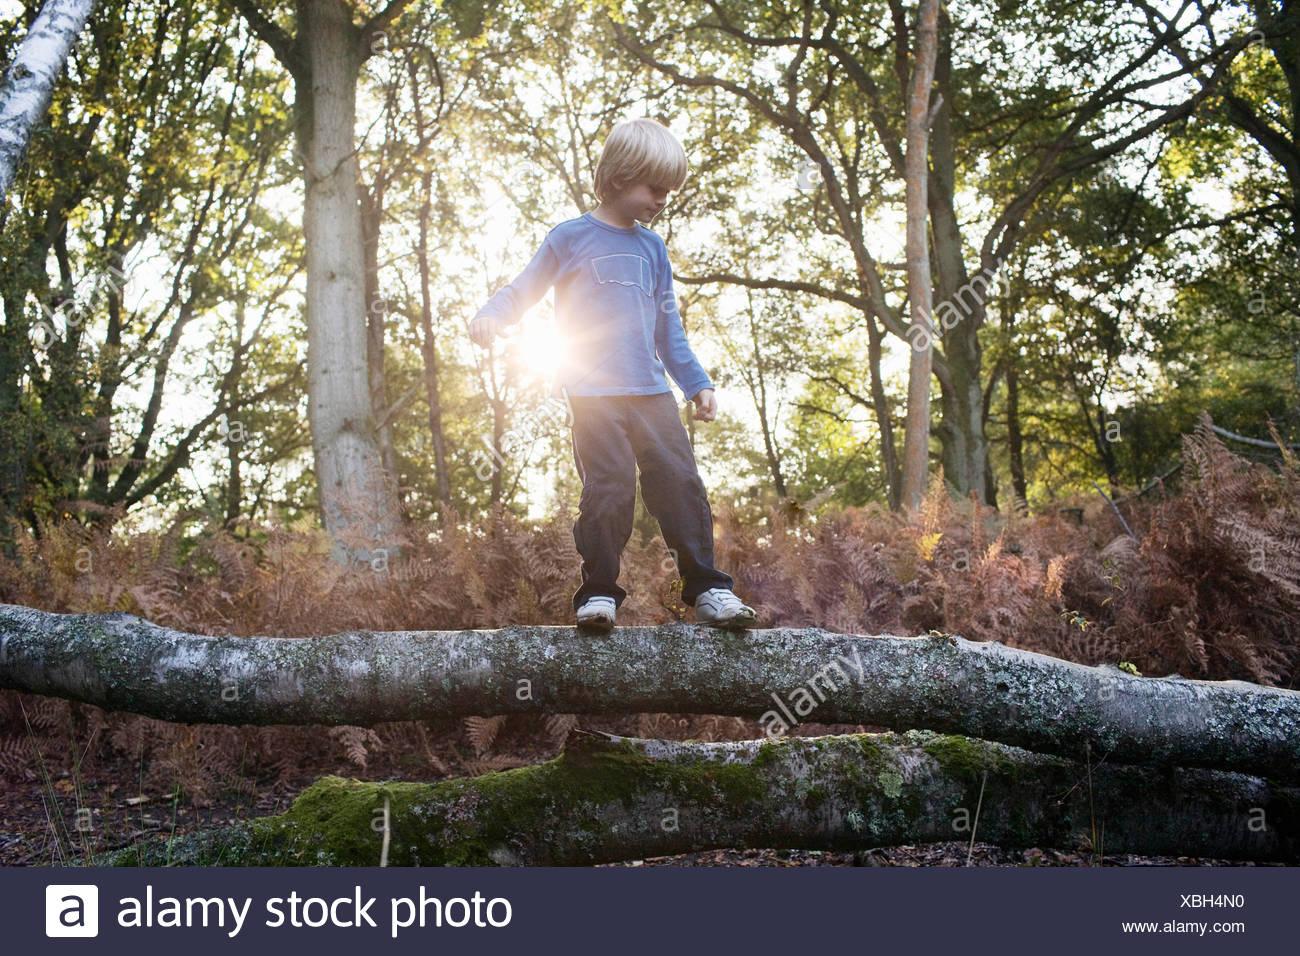 Junge auf umgestürzten Baum Stockbild